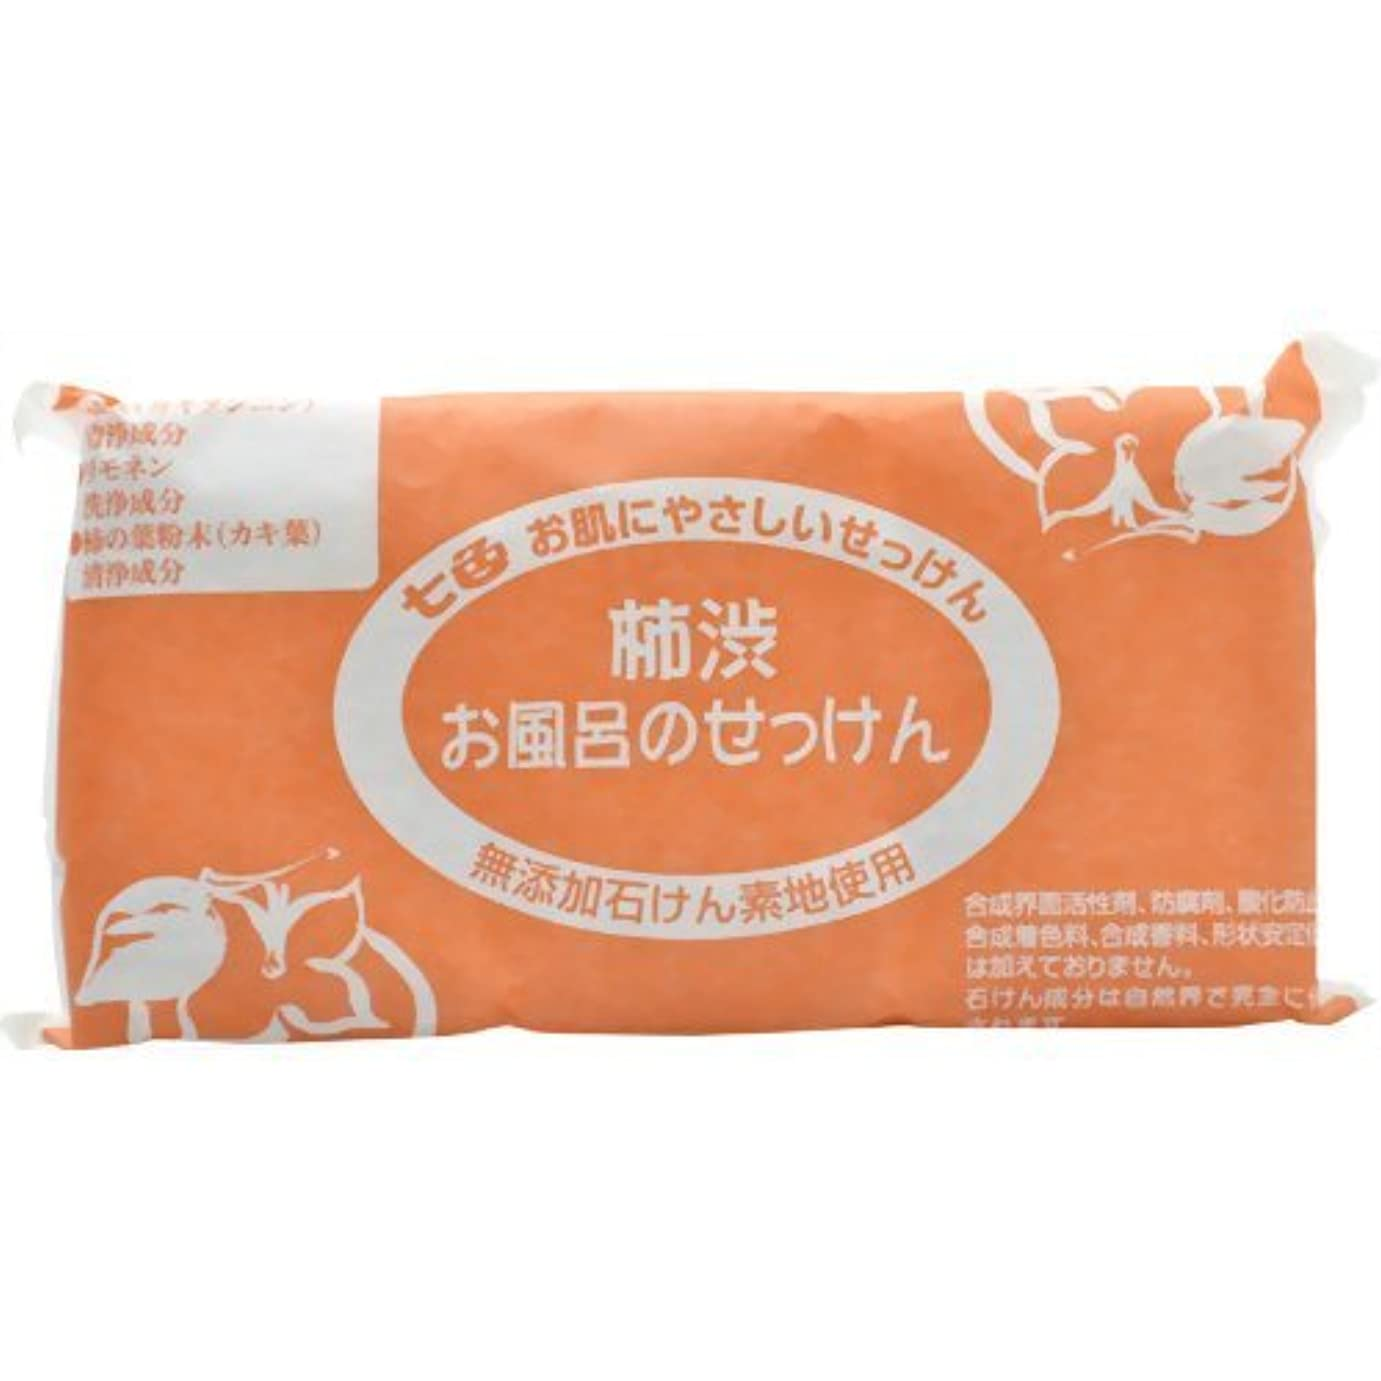 召喚する入力ラッカス七色 お風呂のせっけん 柿渋(無添加石鹸) 100g×3個入